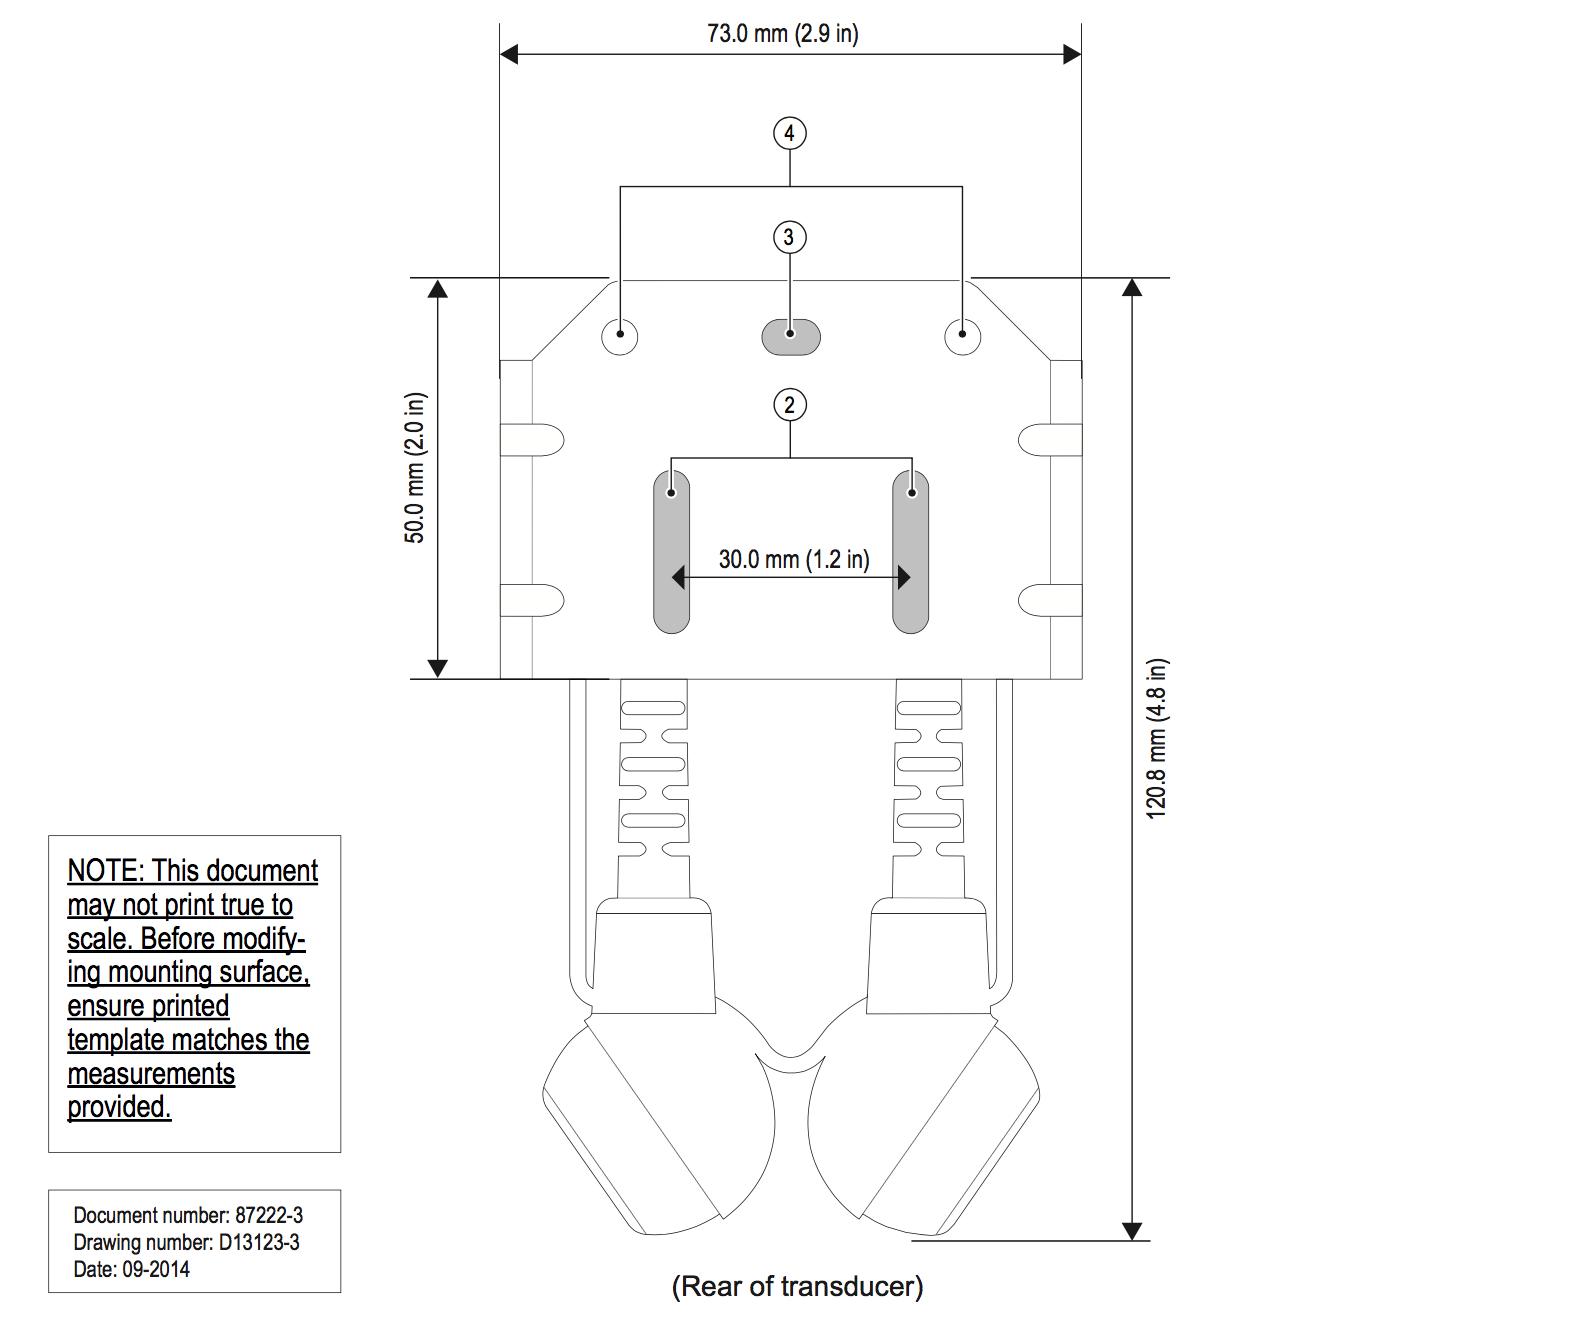 Raymarine CPT-200 Chirp Transducer